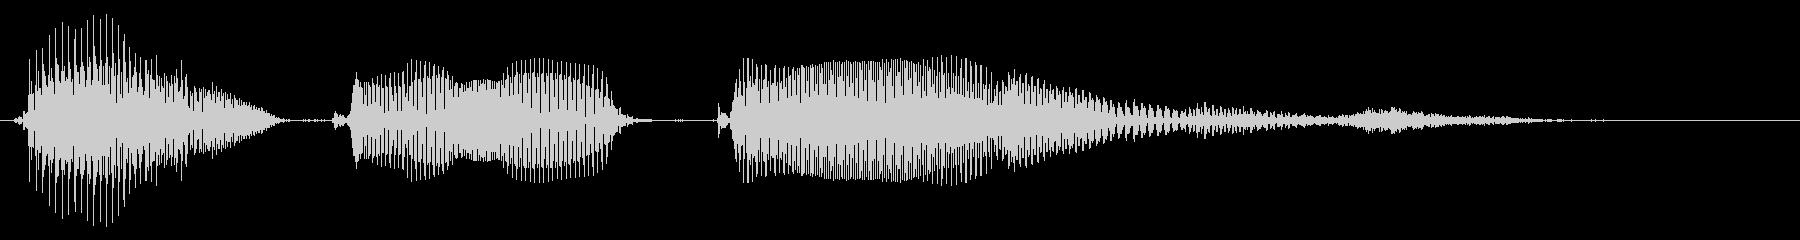 相手のターンですの未再生の波形